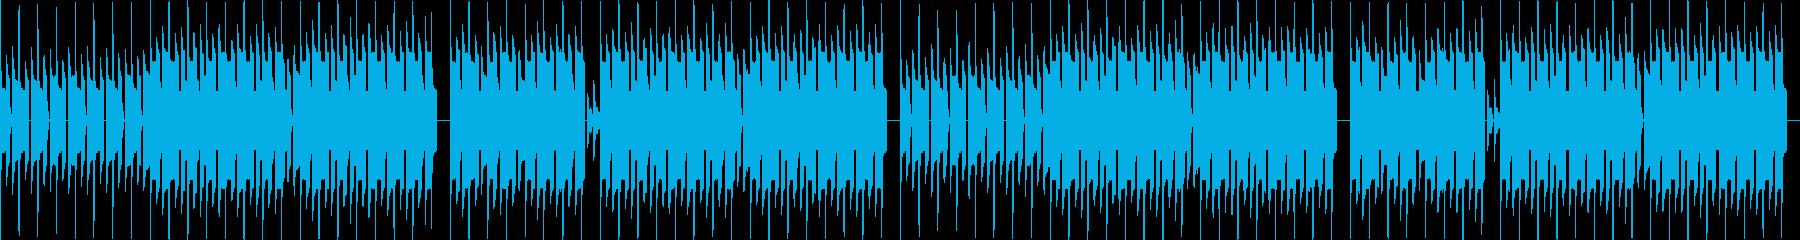 本格的ファミコンでハロウィン・ループの再生済みの波形